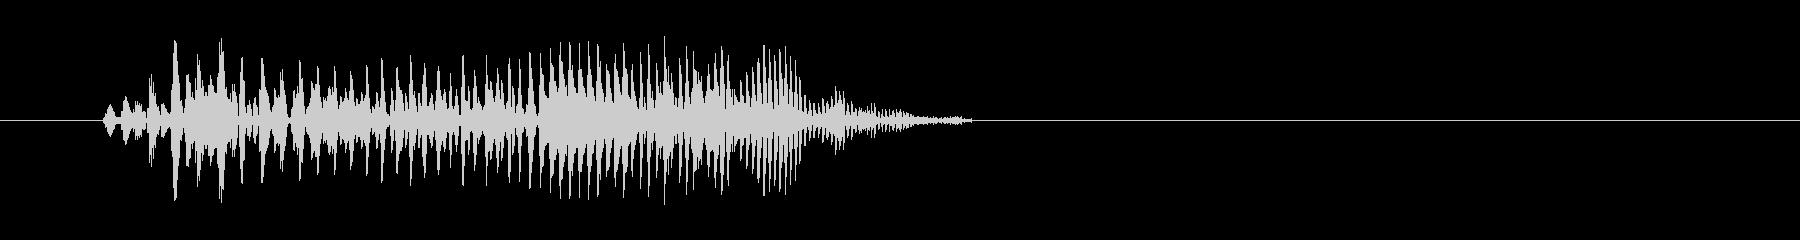 チューン(ビーム音)の未再生の波形